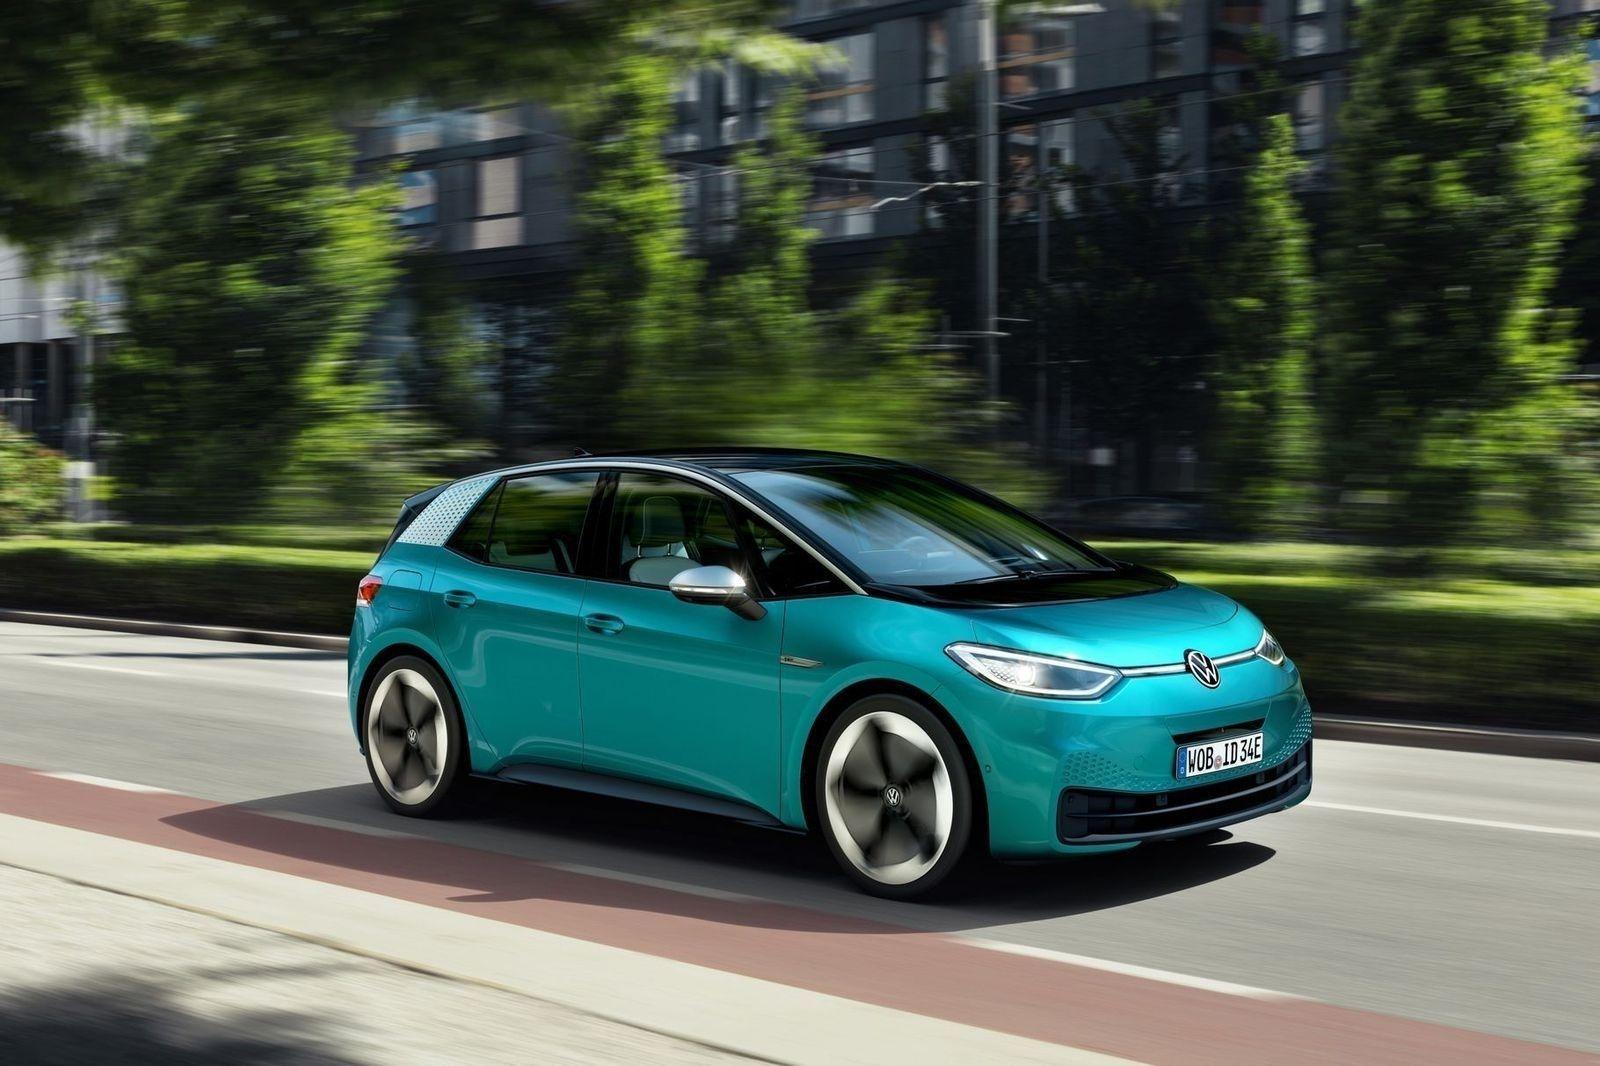 VW групп масс зах зээлд зориулсан анхны бүрэн цахилгаан автомашинаа танилцууллаа